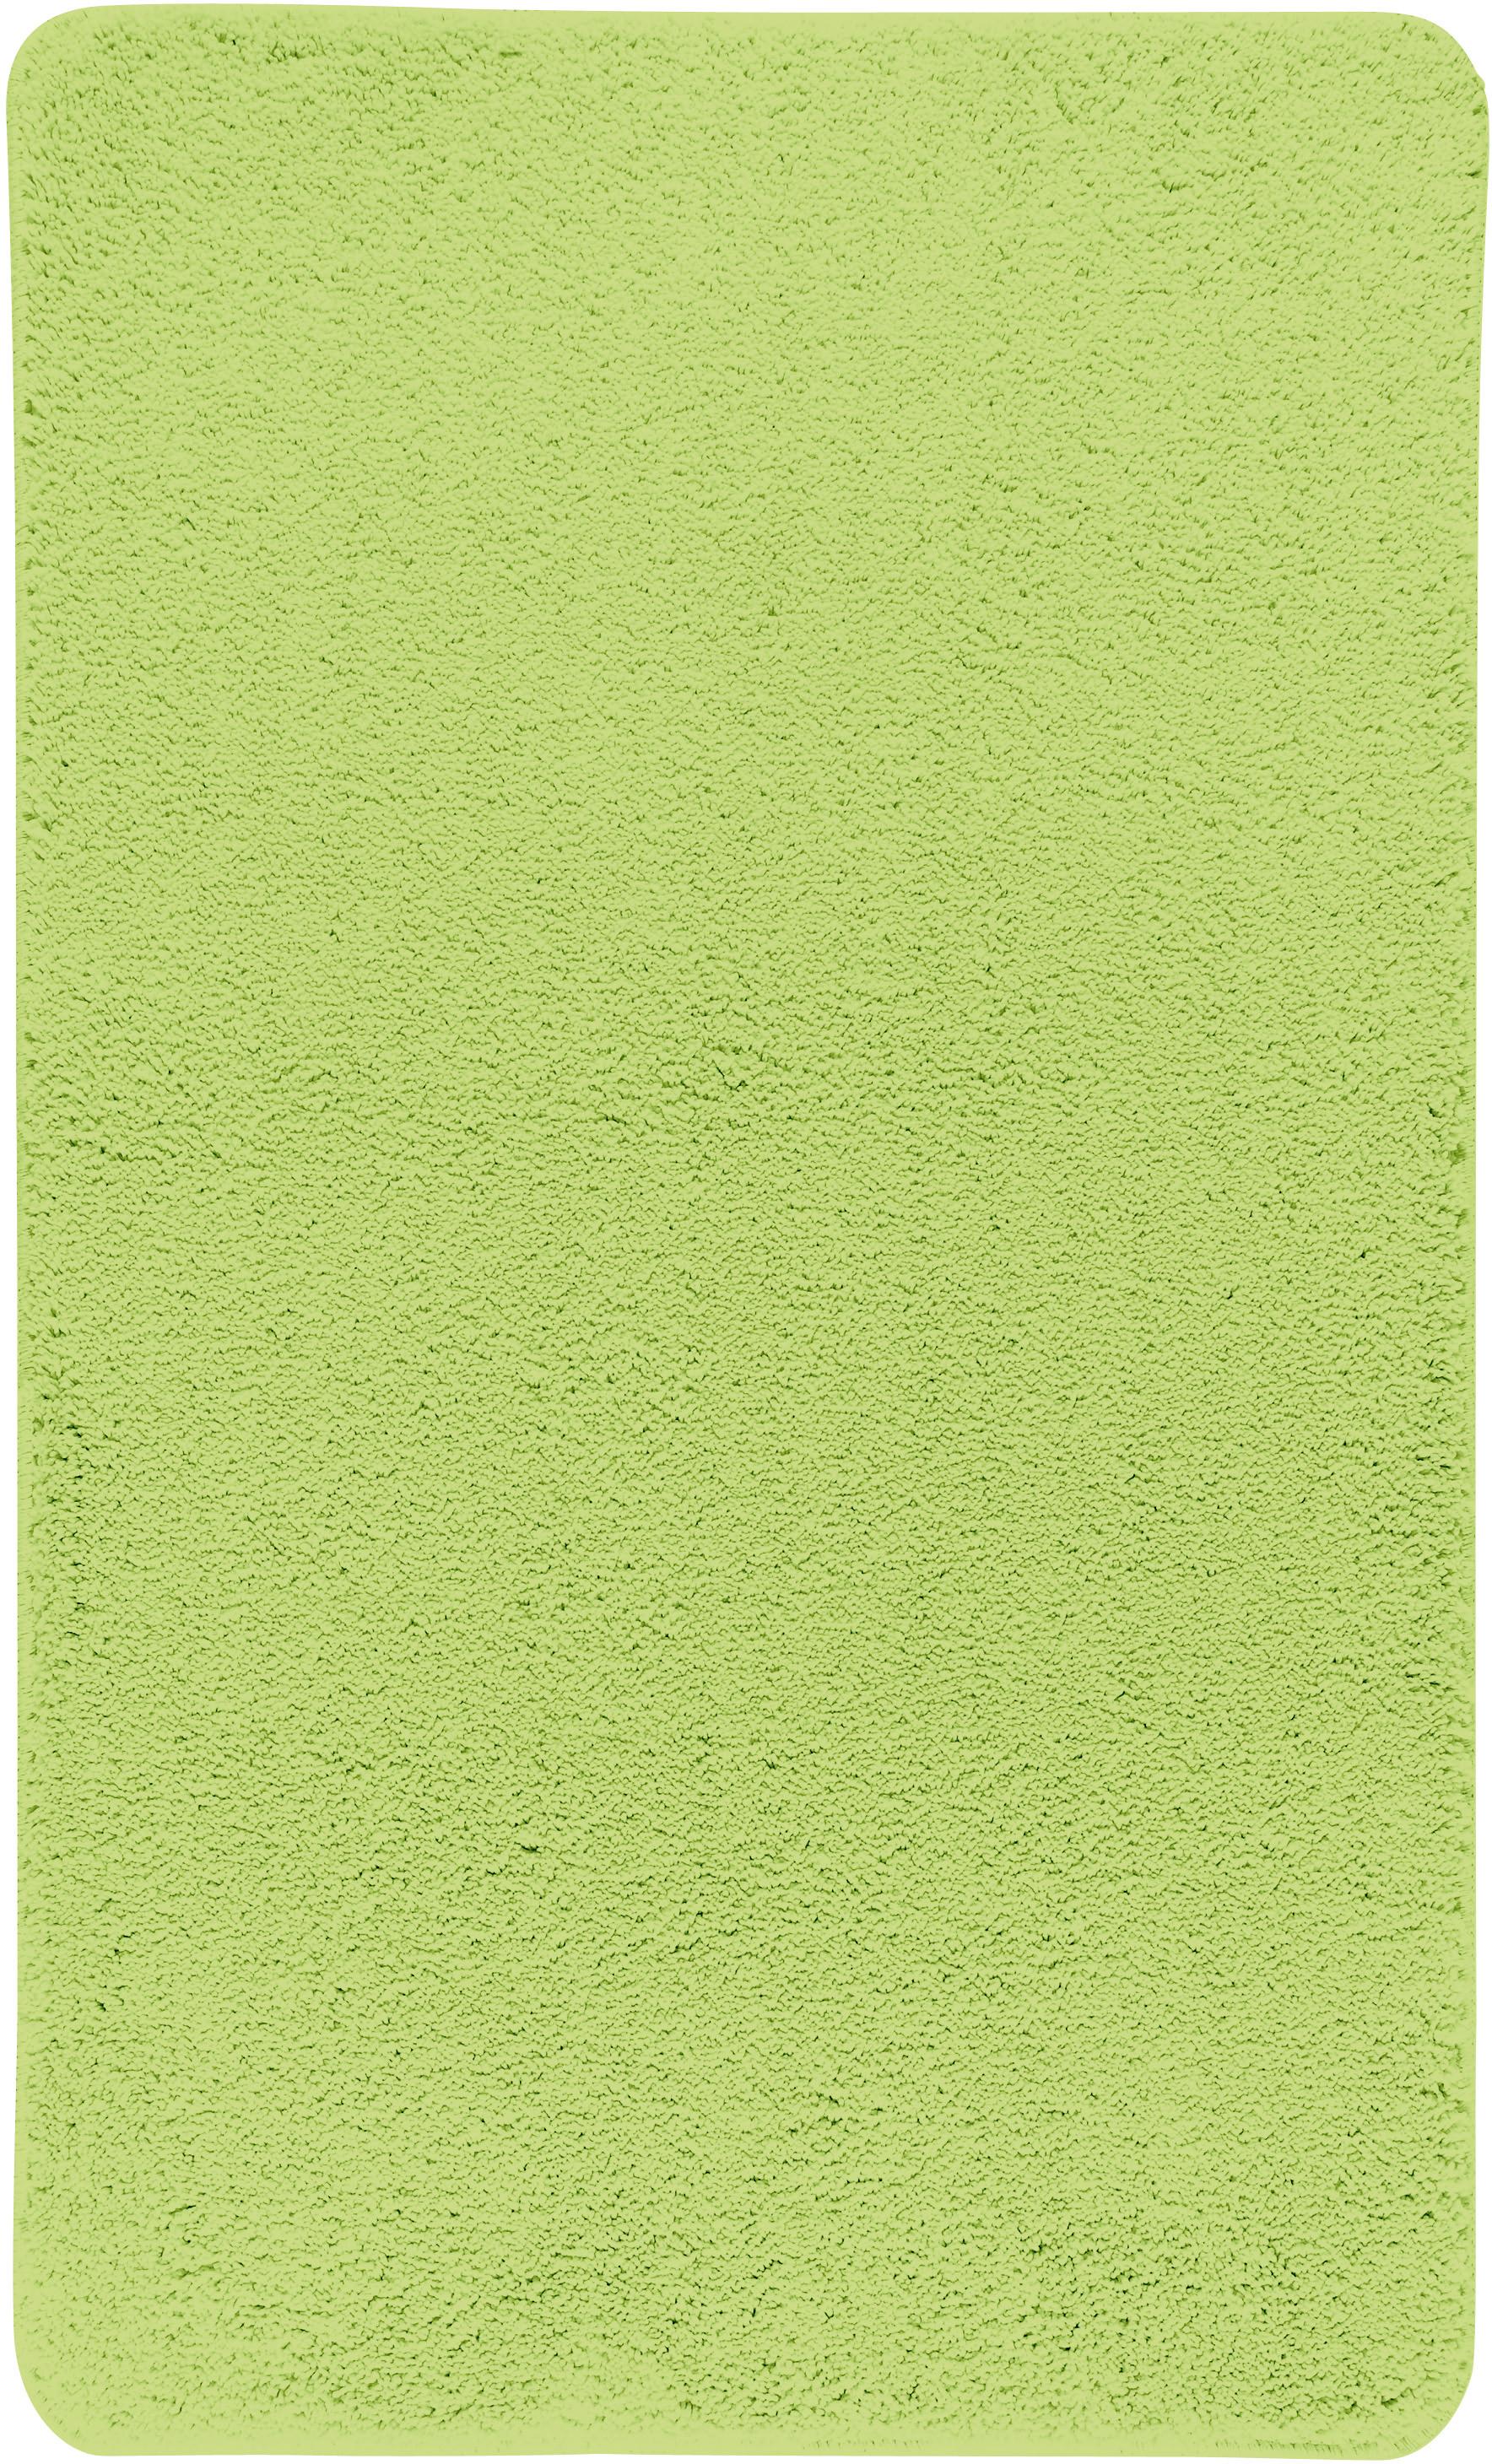 Коврик для ванной Axentia, прямоугольный, цвет: мятный, 60 х 100 см116081Коврик для ванной комнаты из микрофибры, прямоугольный, большой 60х100 см. Высота ворса 1,5 см, стеганный. Противоскользящее основание изготовлено из термопластичной резины и подходит для полов с подогревом. Коврик мягкий и приятный на ощупь, отлично впитывает влагу и быстро сохнет. Можно стирать в стиральной машине. Высокая износостойкость коврика и стойкость цвета позволит вам наслаждаться покупкой долгие годы. Широкая гамма расцветок ковриков Axentia удовлетворит самый притязательный вкус.